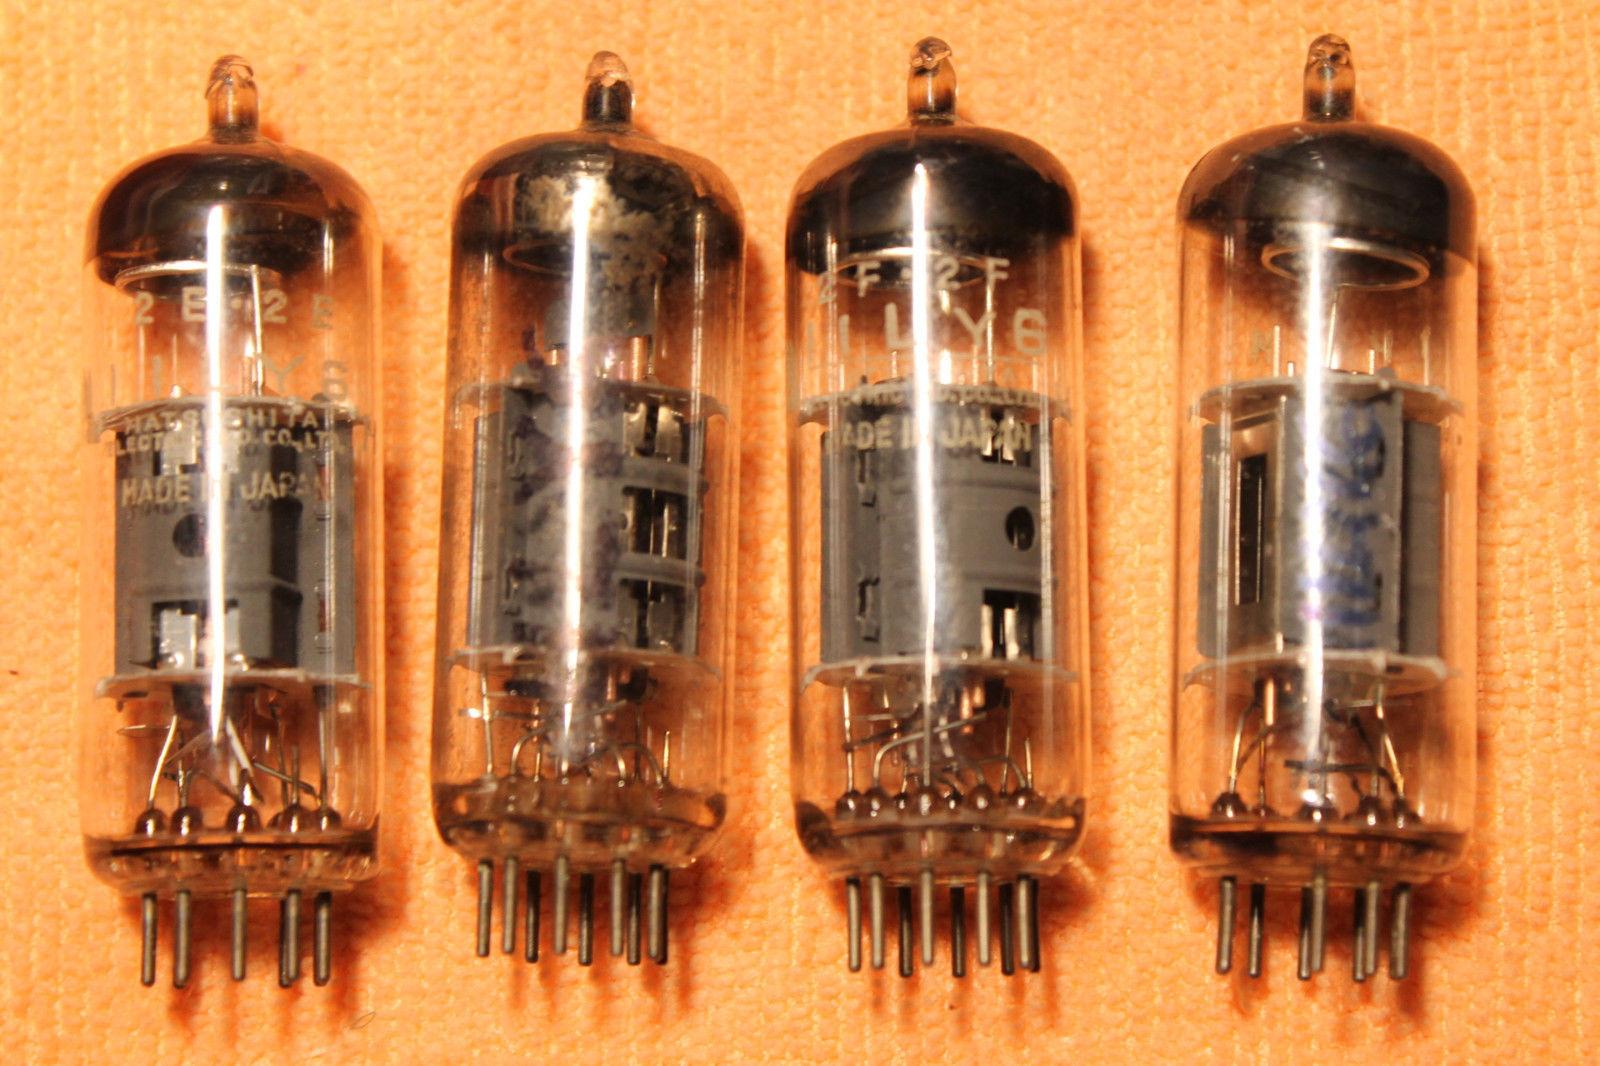 Vintage Radio Vacuum Tube (one): 11LY6 - Tested Good